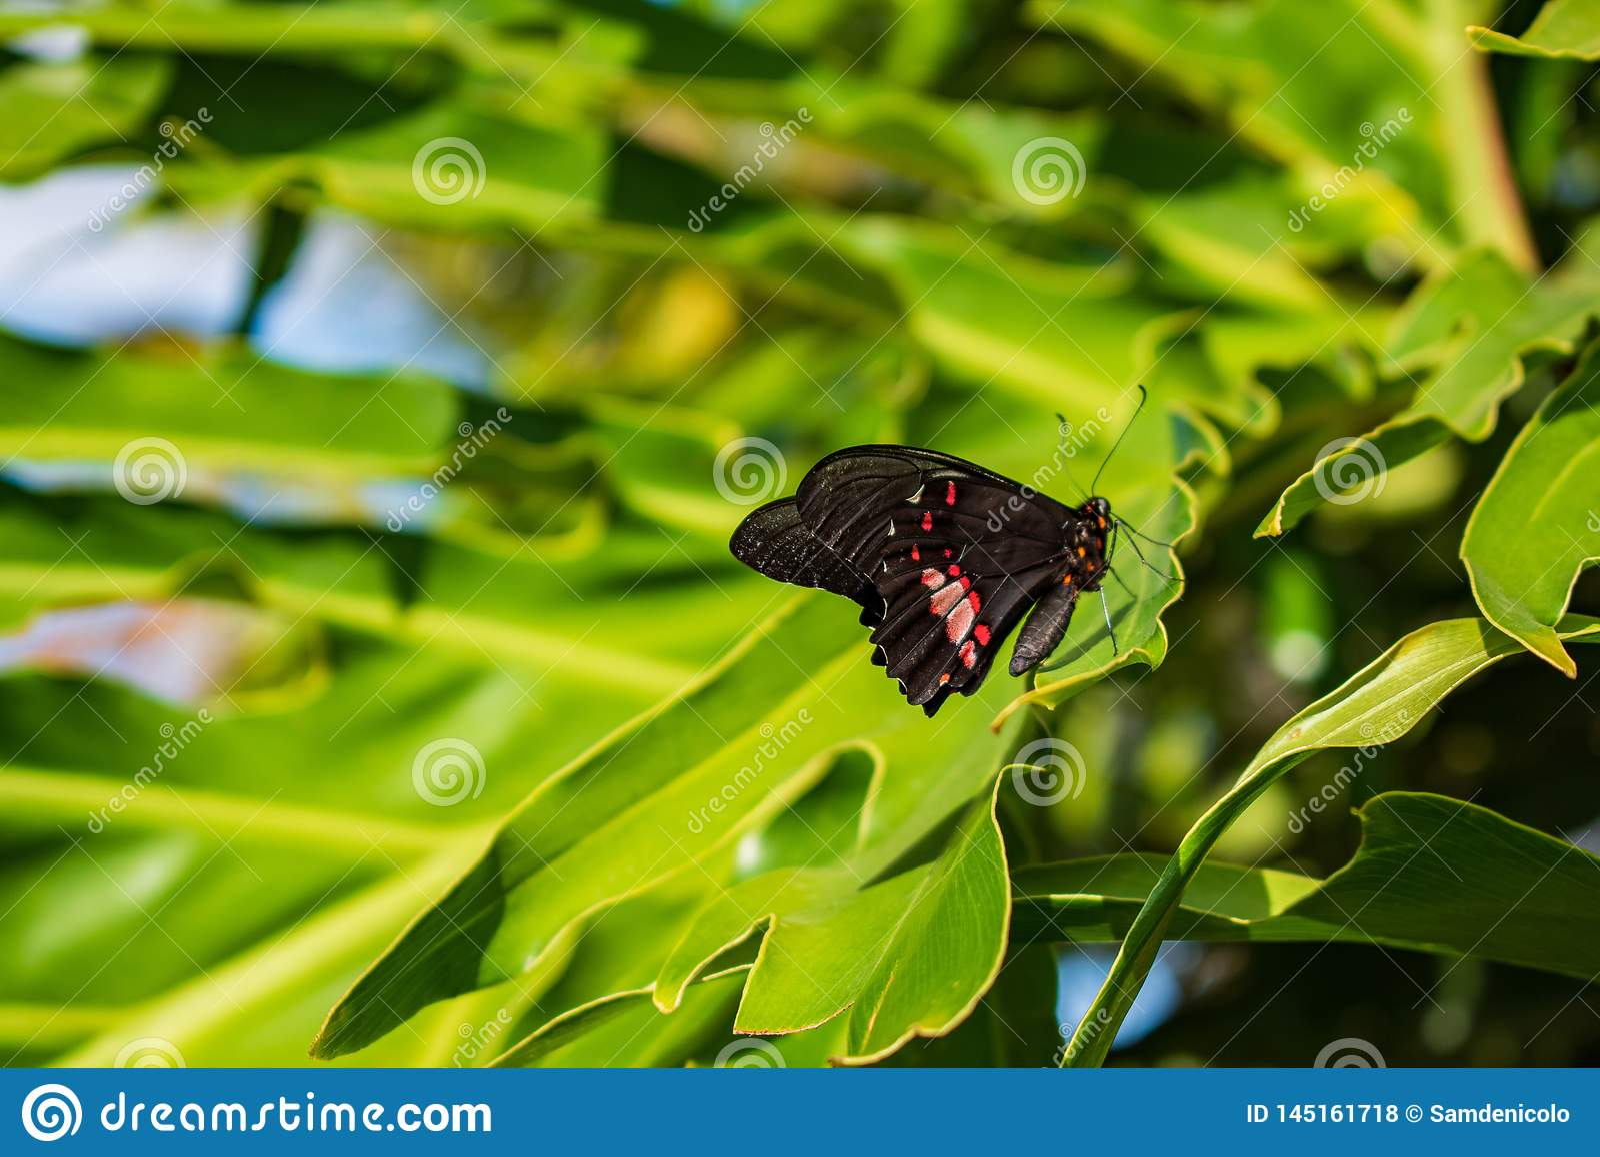 Papillon dans une feuille verte